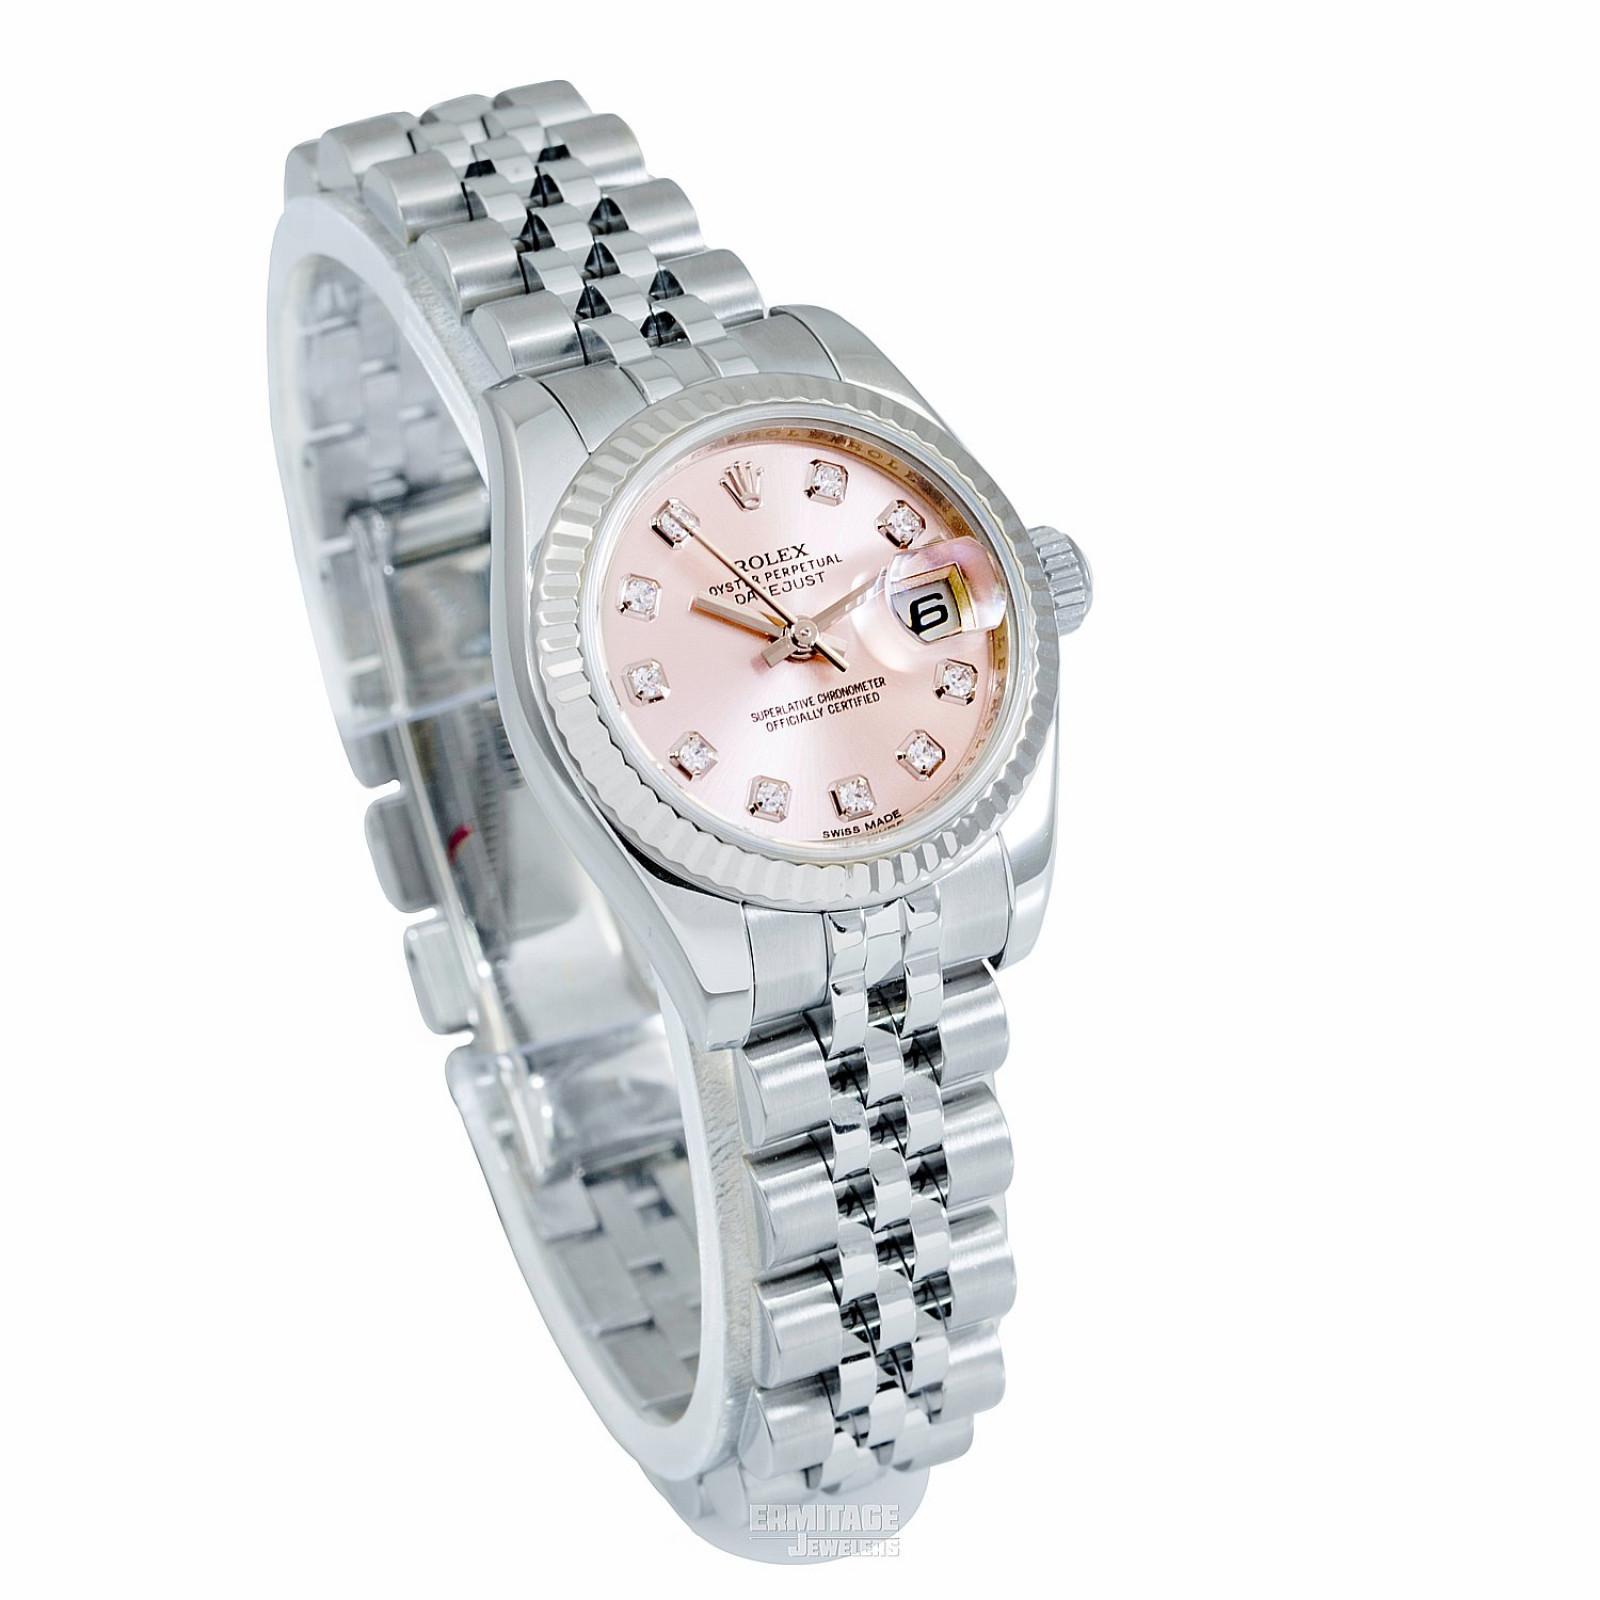 2016 Pink Rolex Datejust Ref. 179174